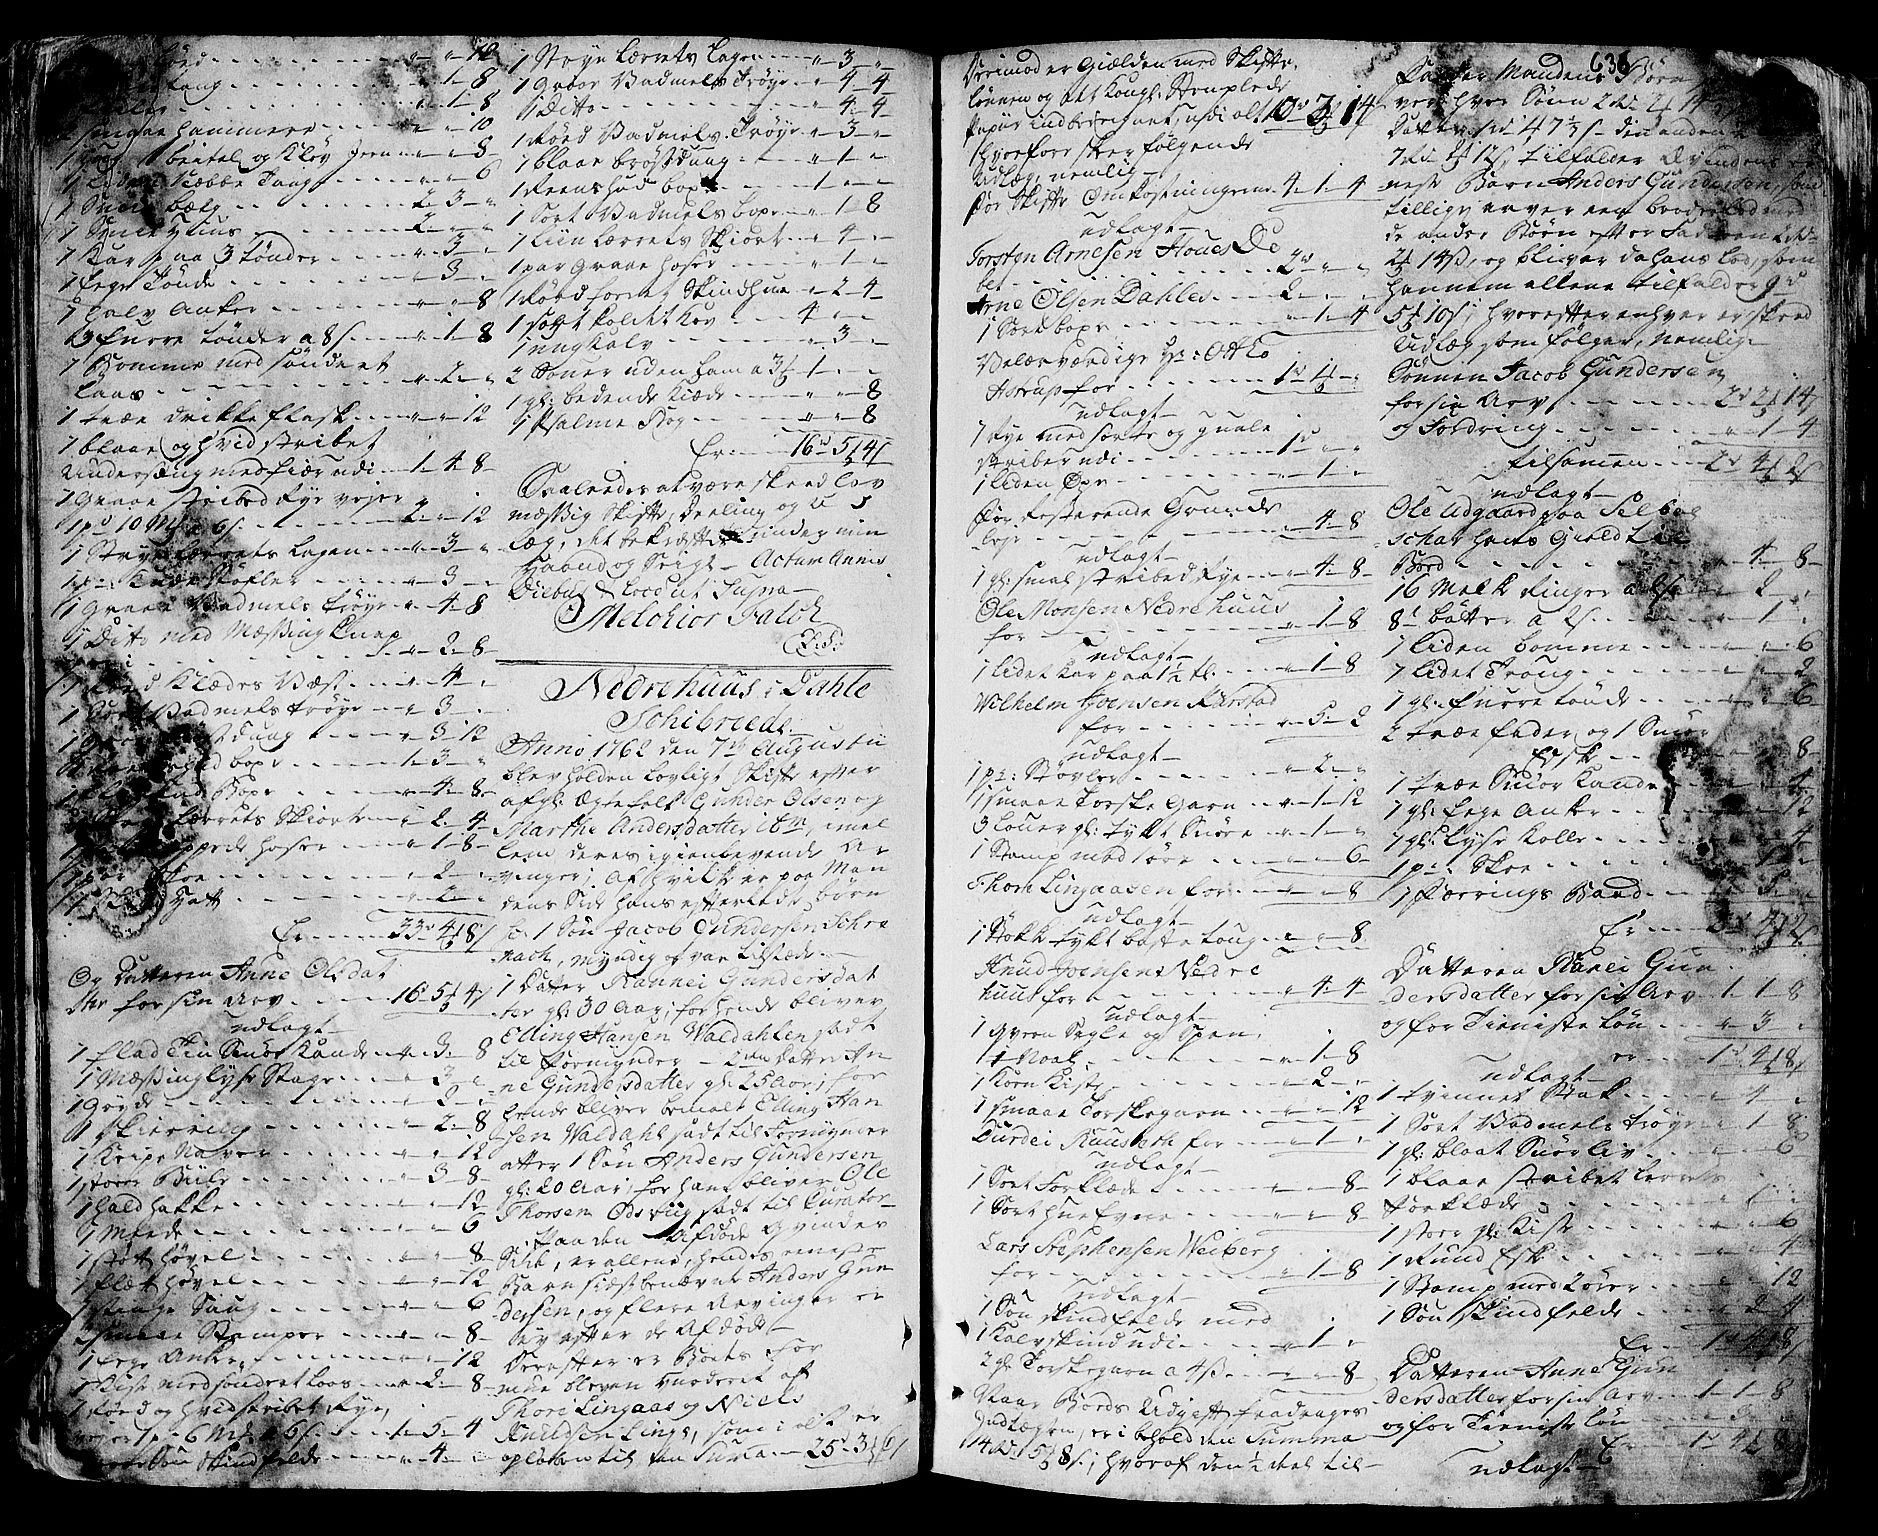 SAT, Sunnmøre sorenskriveri, 3/3A/L0020: Skifteprotokoll 14B, 1761-1763, s. 635b-636a